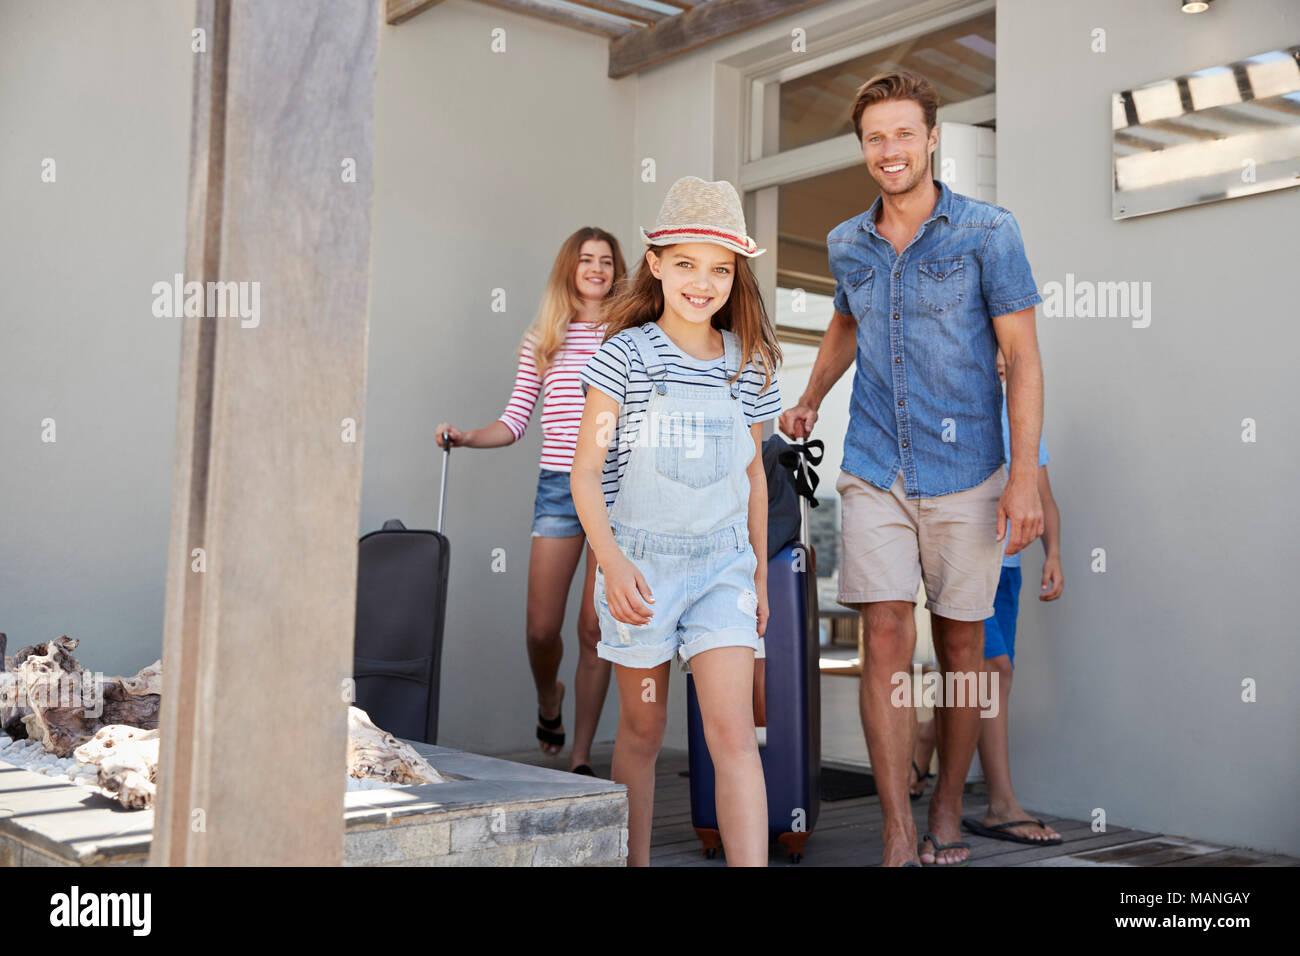 Retrato de familia con el equipaje salir de casa para vacaciones Imagen De Stock